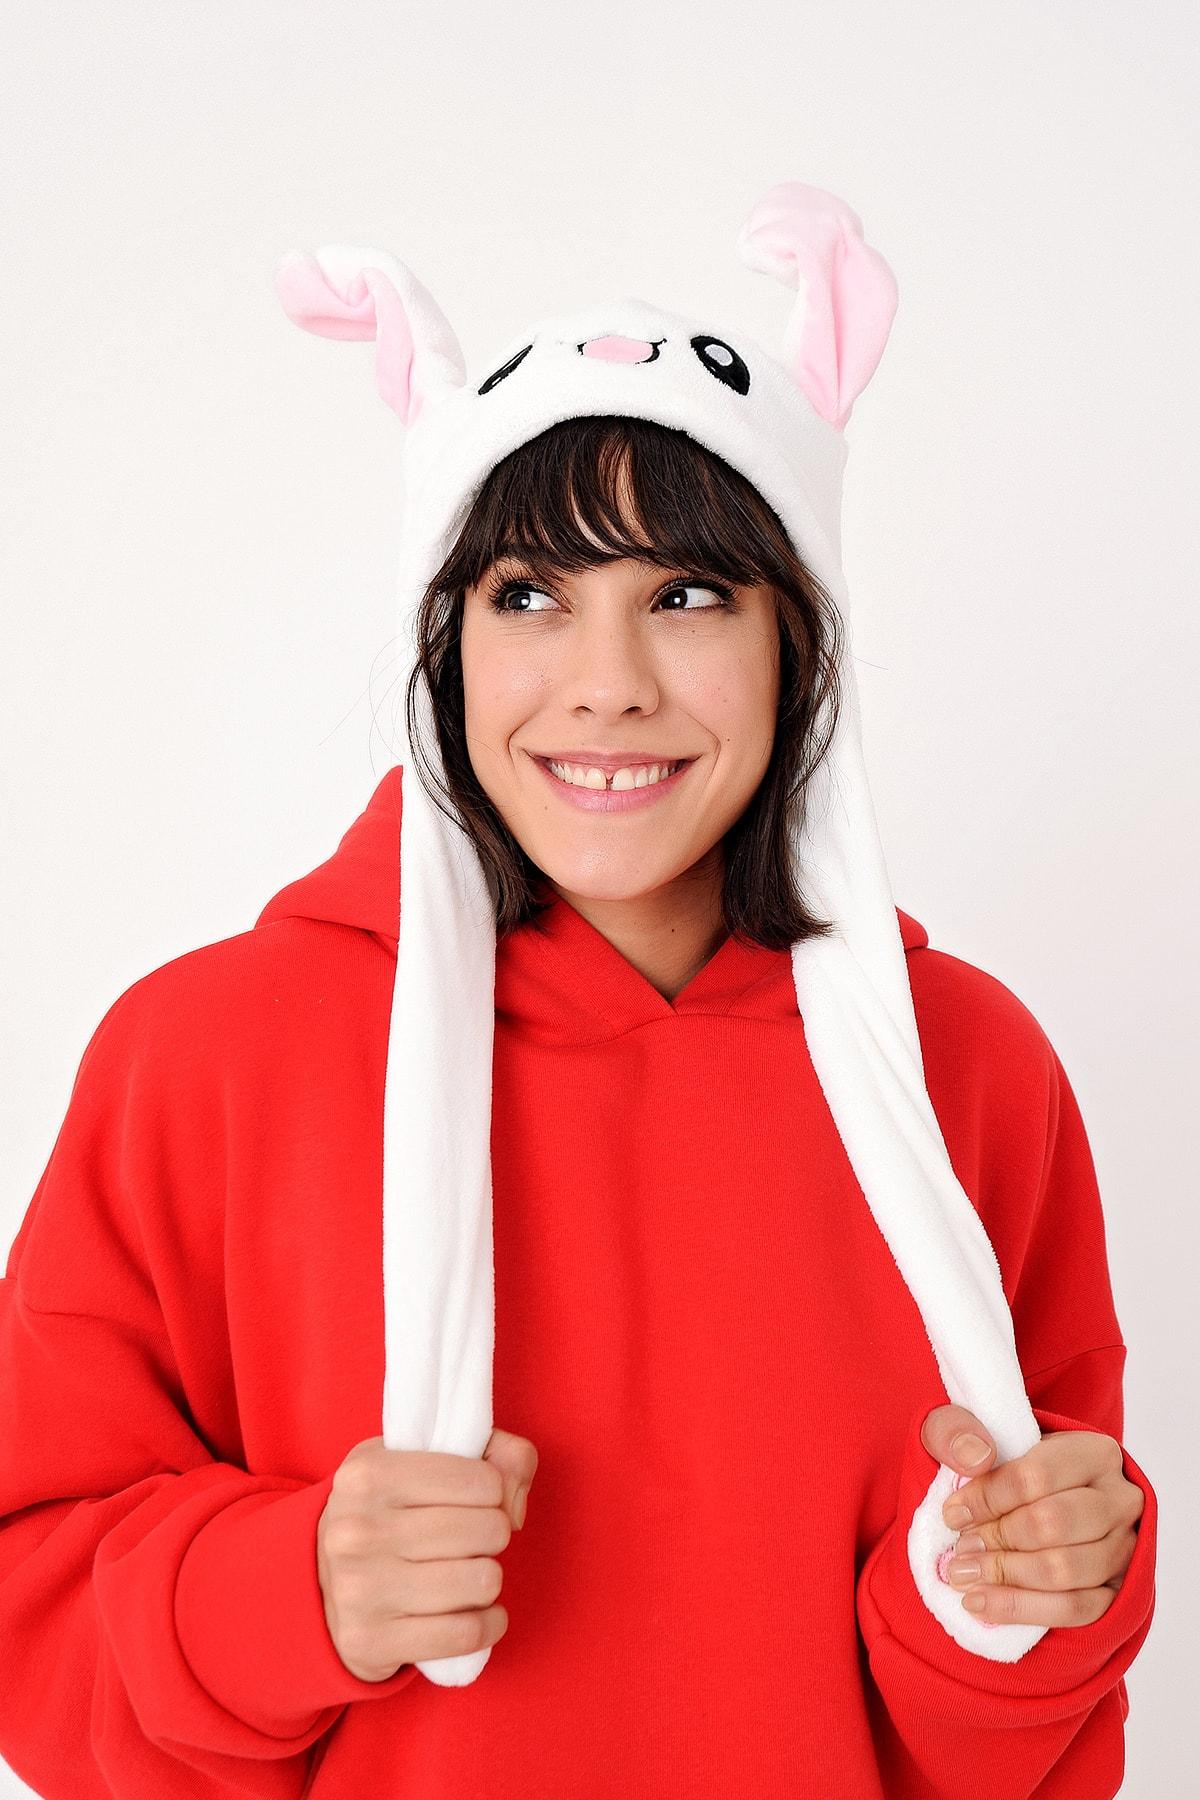 YOYOSO Kadın Beyaz Kulakları Hareket Eden Tavşan Şapka 1